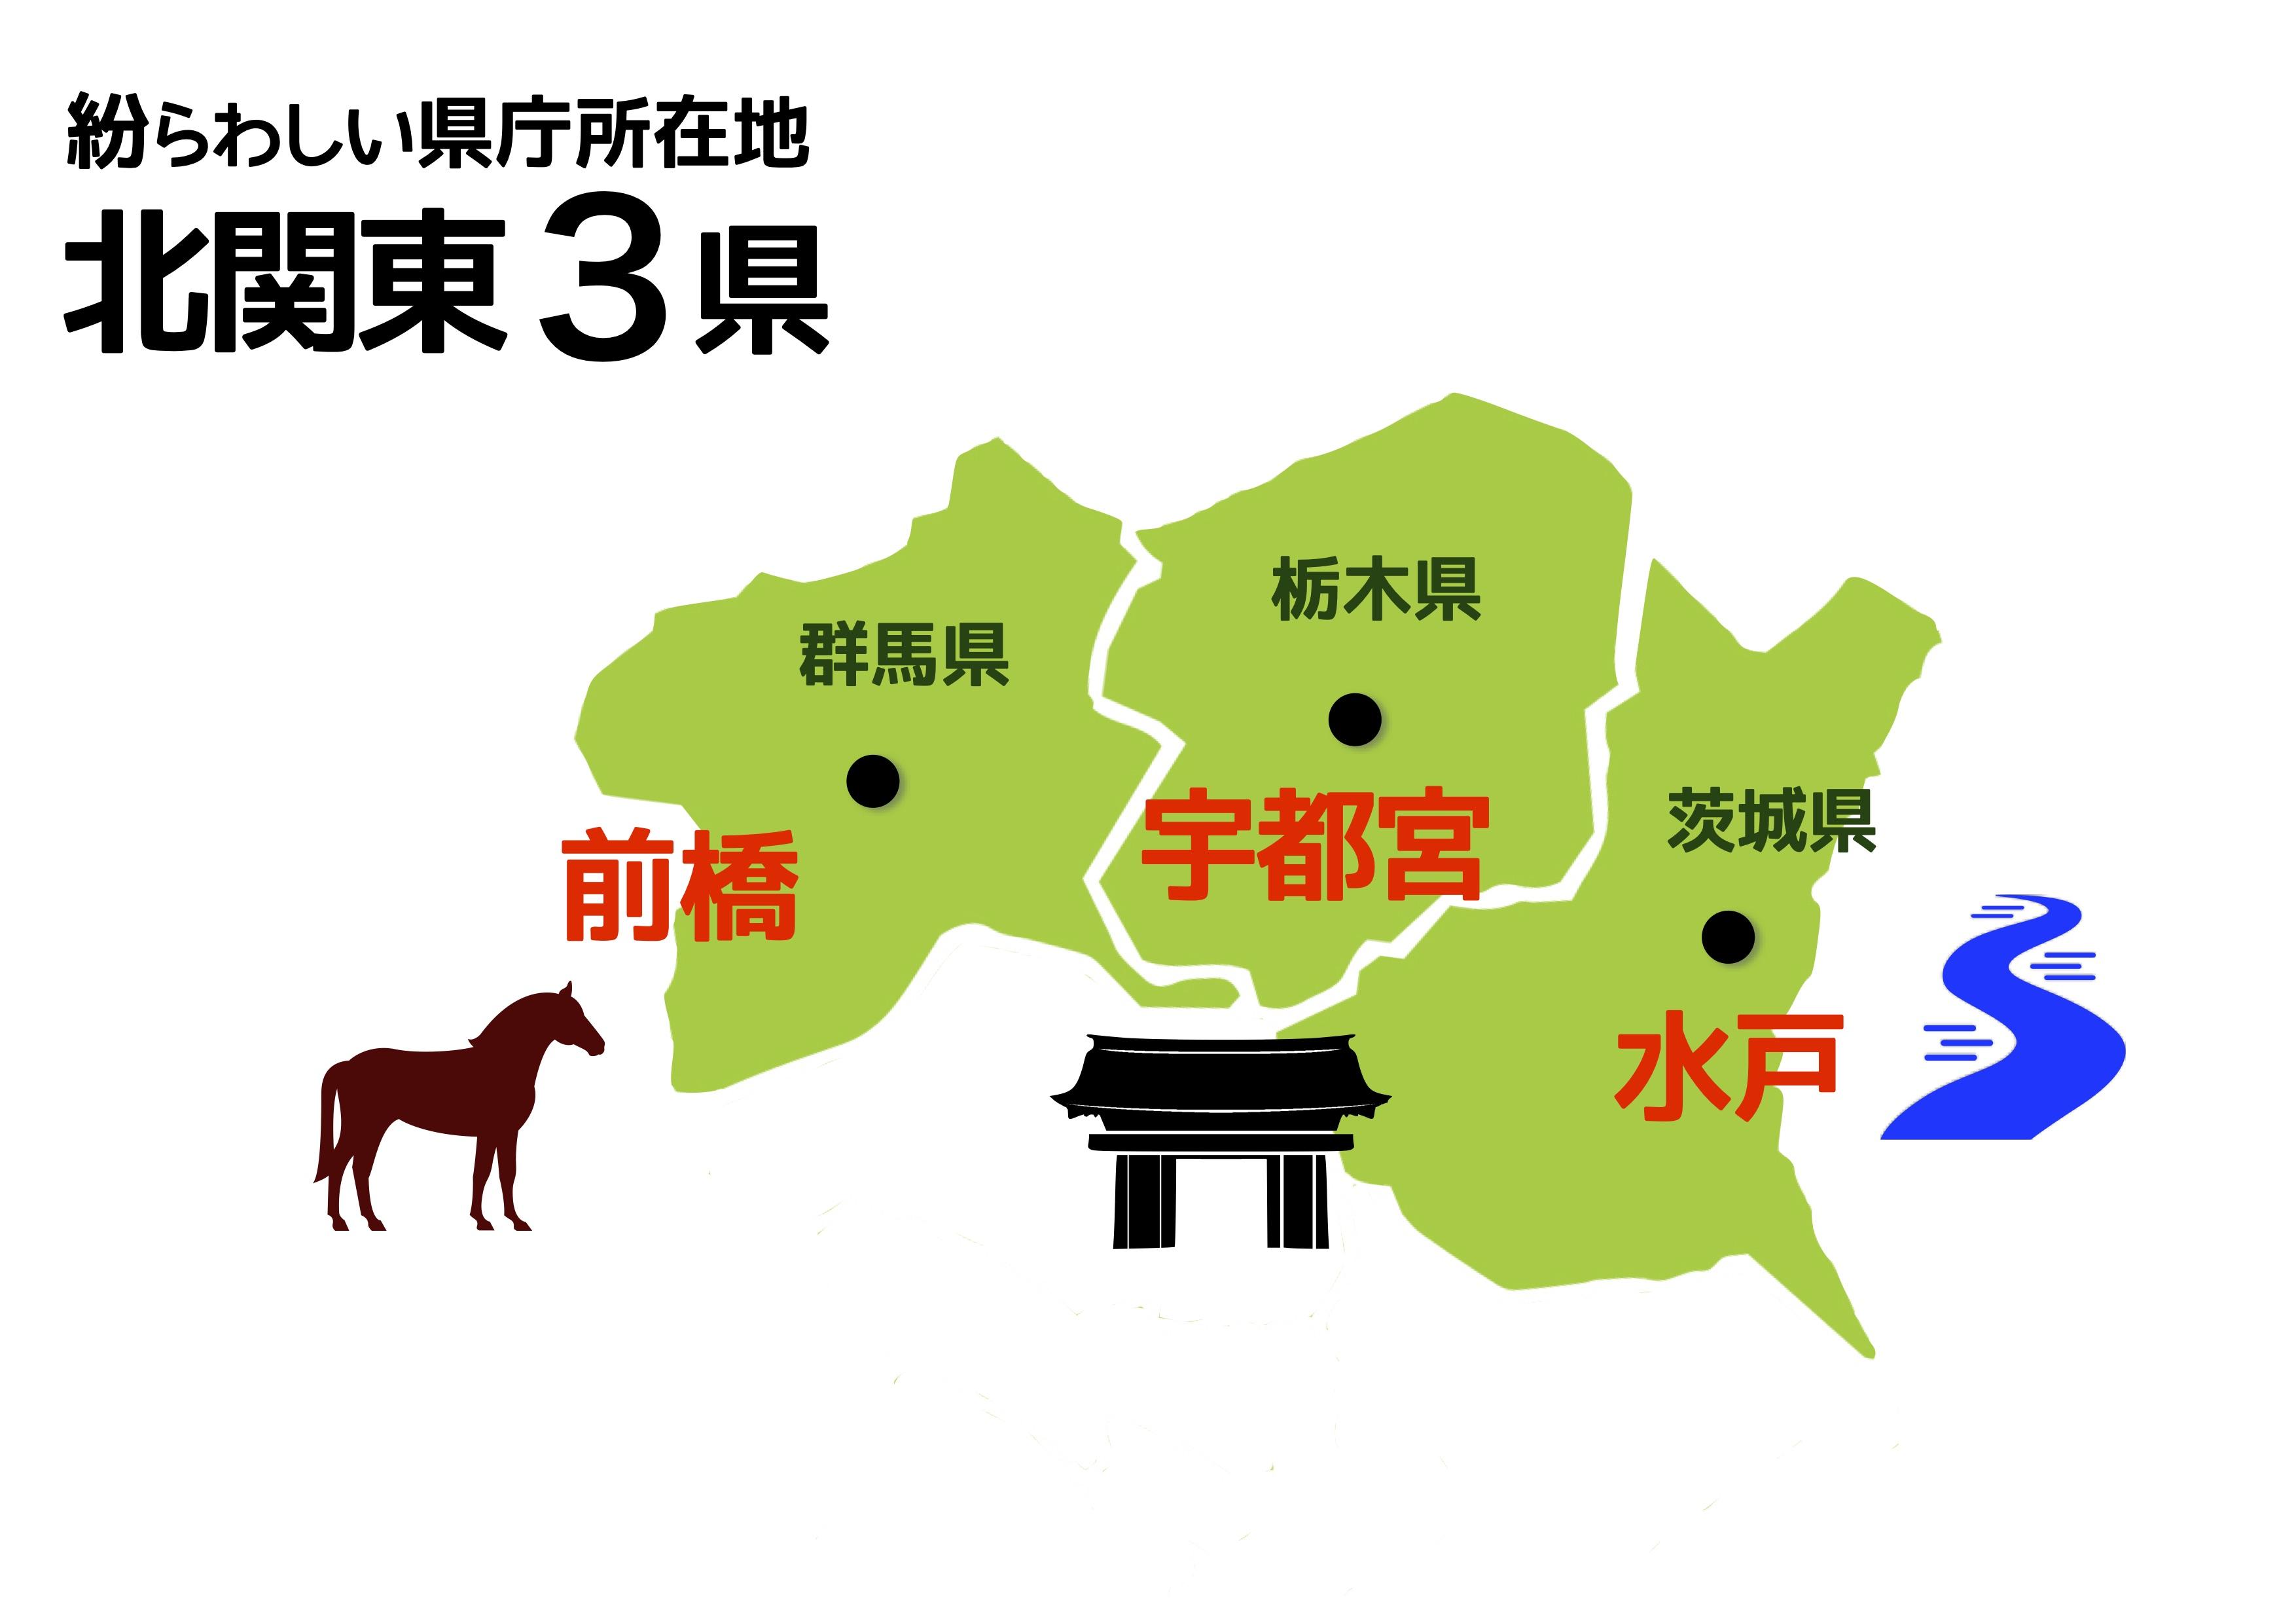 県庁所在地の覚え方】紛らわしい県は地図と由来でイメージをつかもう ...